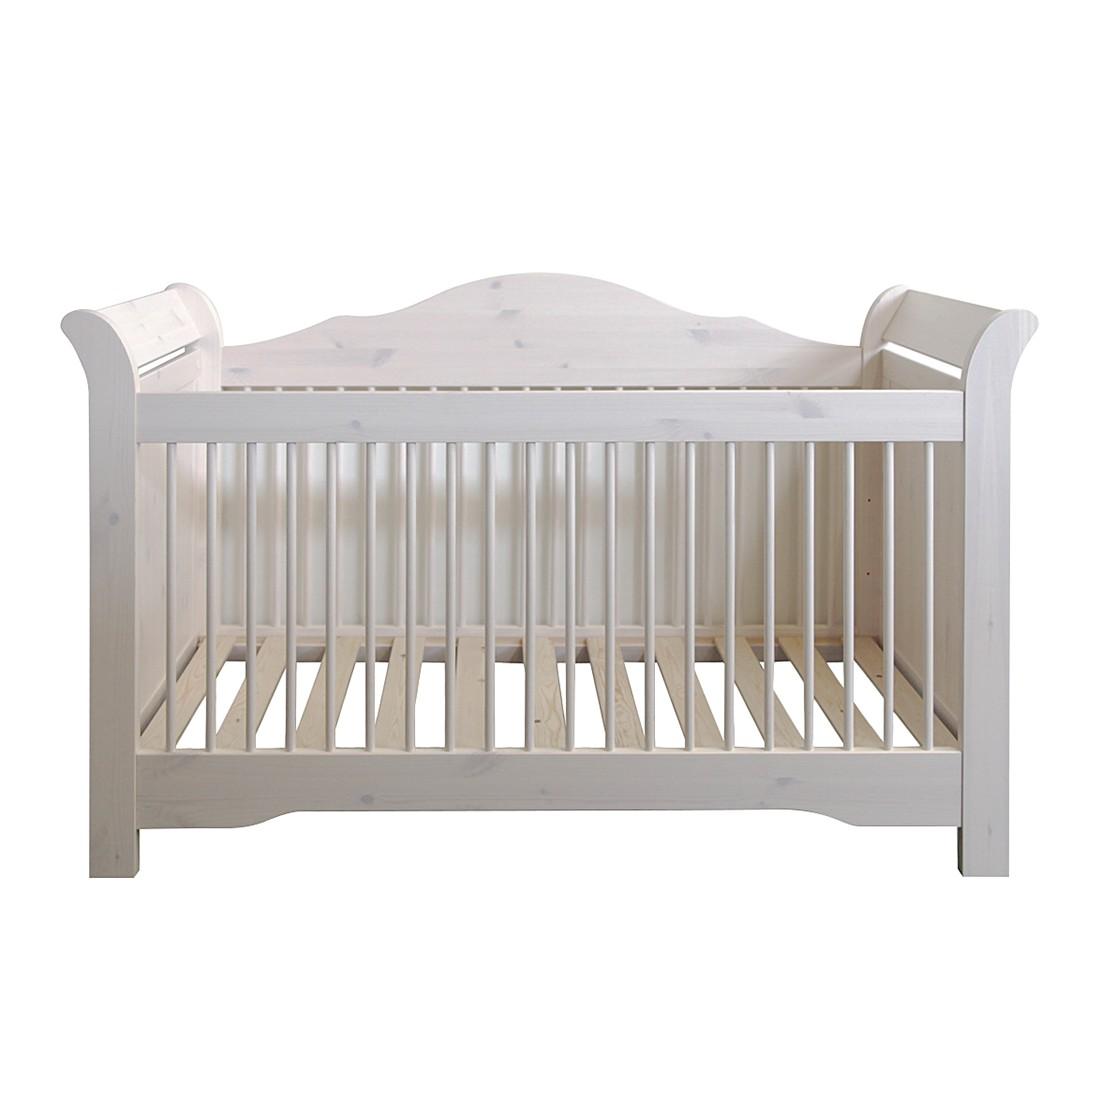 Letto per bambini Karlotta - Legno di pino massello/ Bianco Shabby - White Washed, Steens